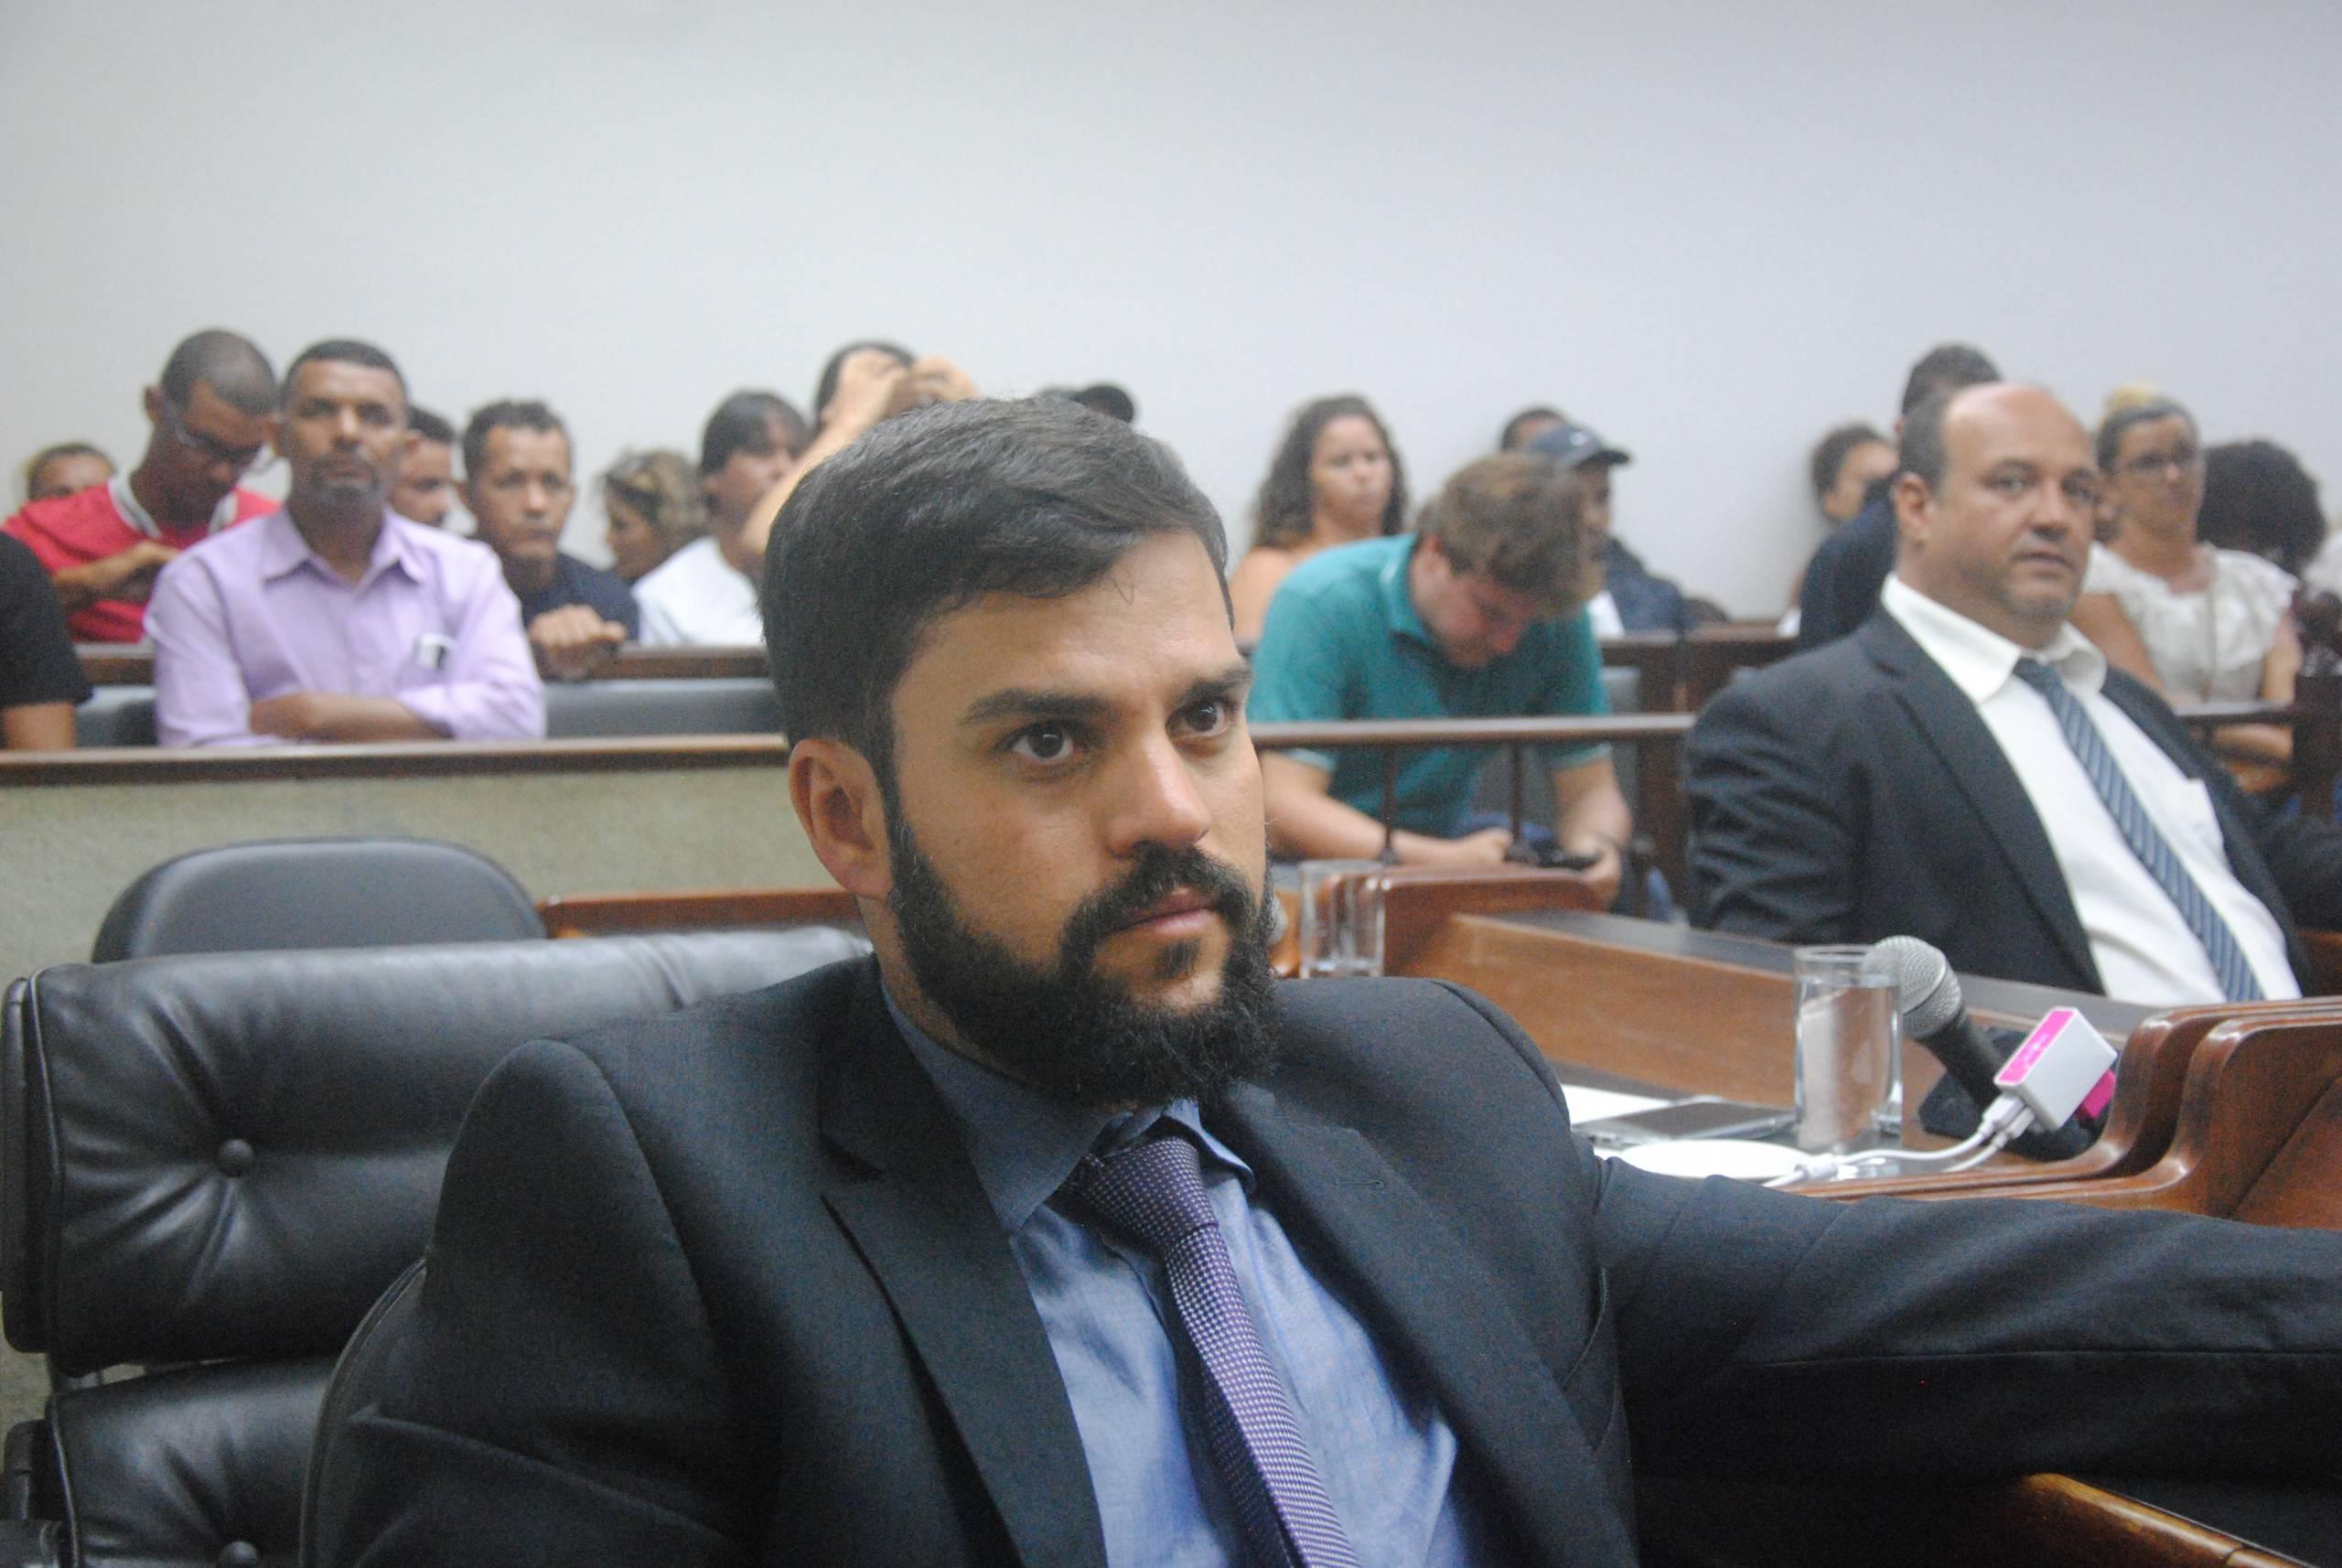 Miguel Alencar retorna ao posto de vereador na Câmara de Cabo Frio